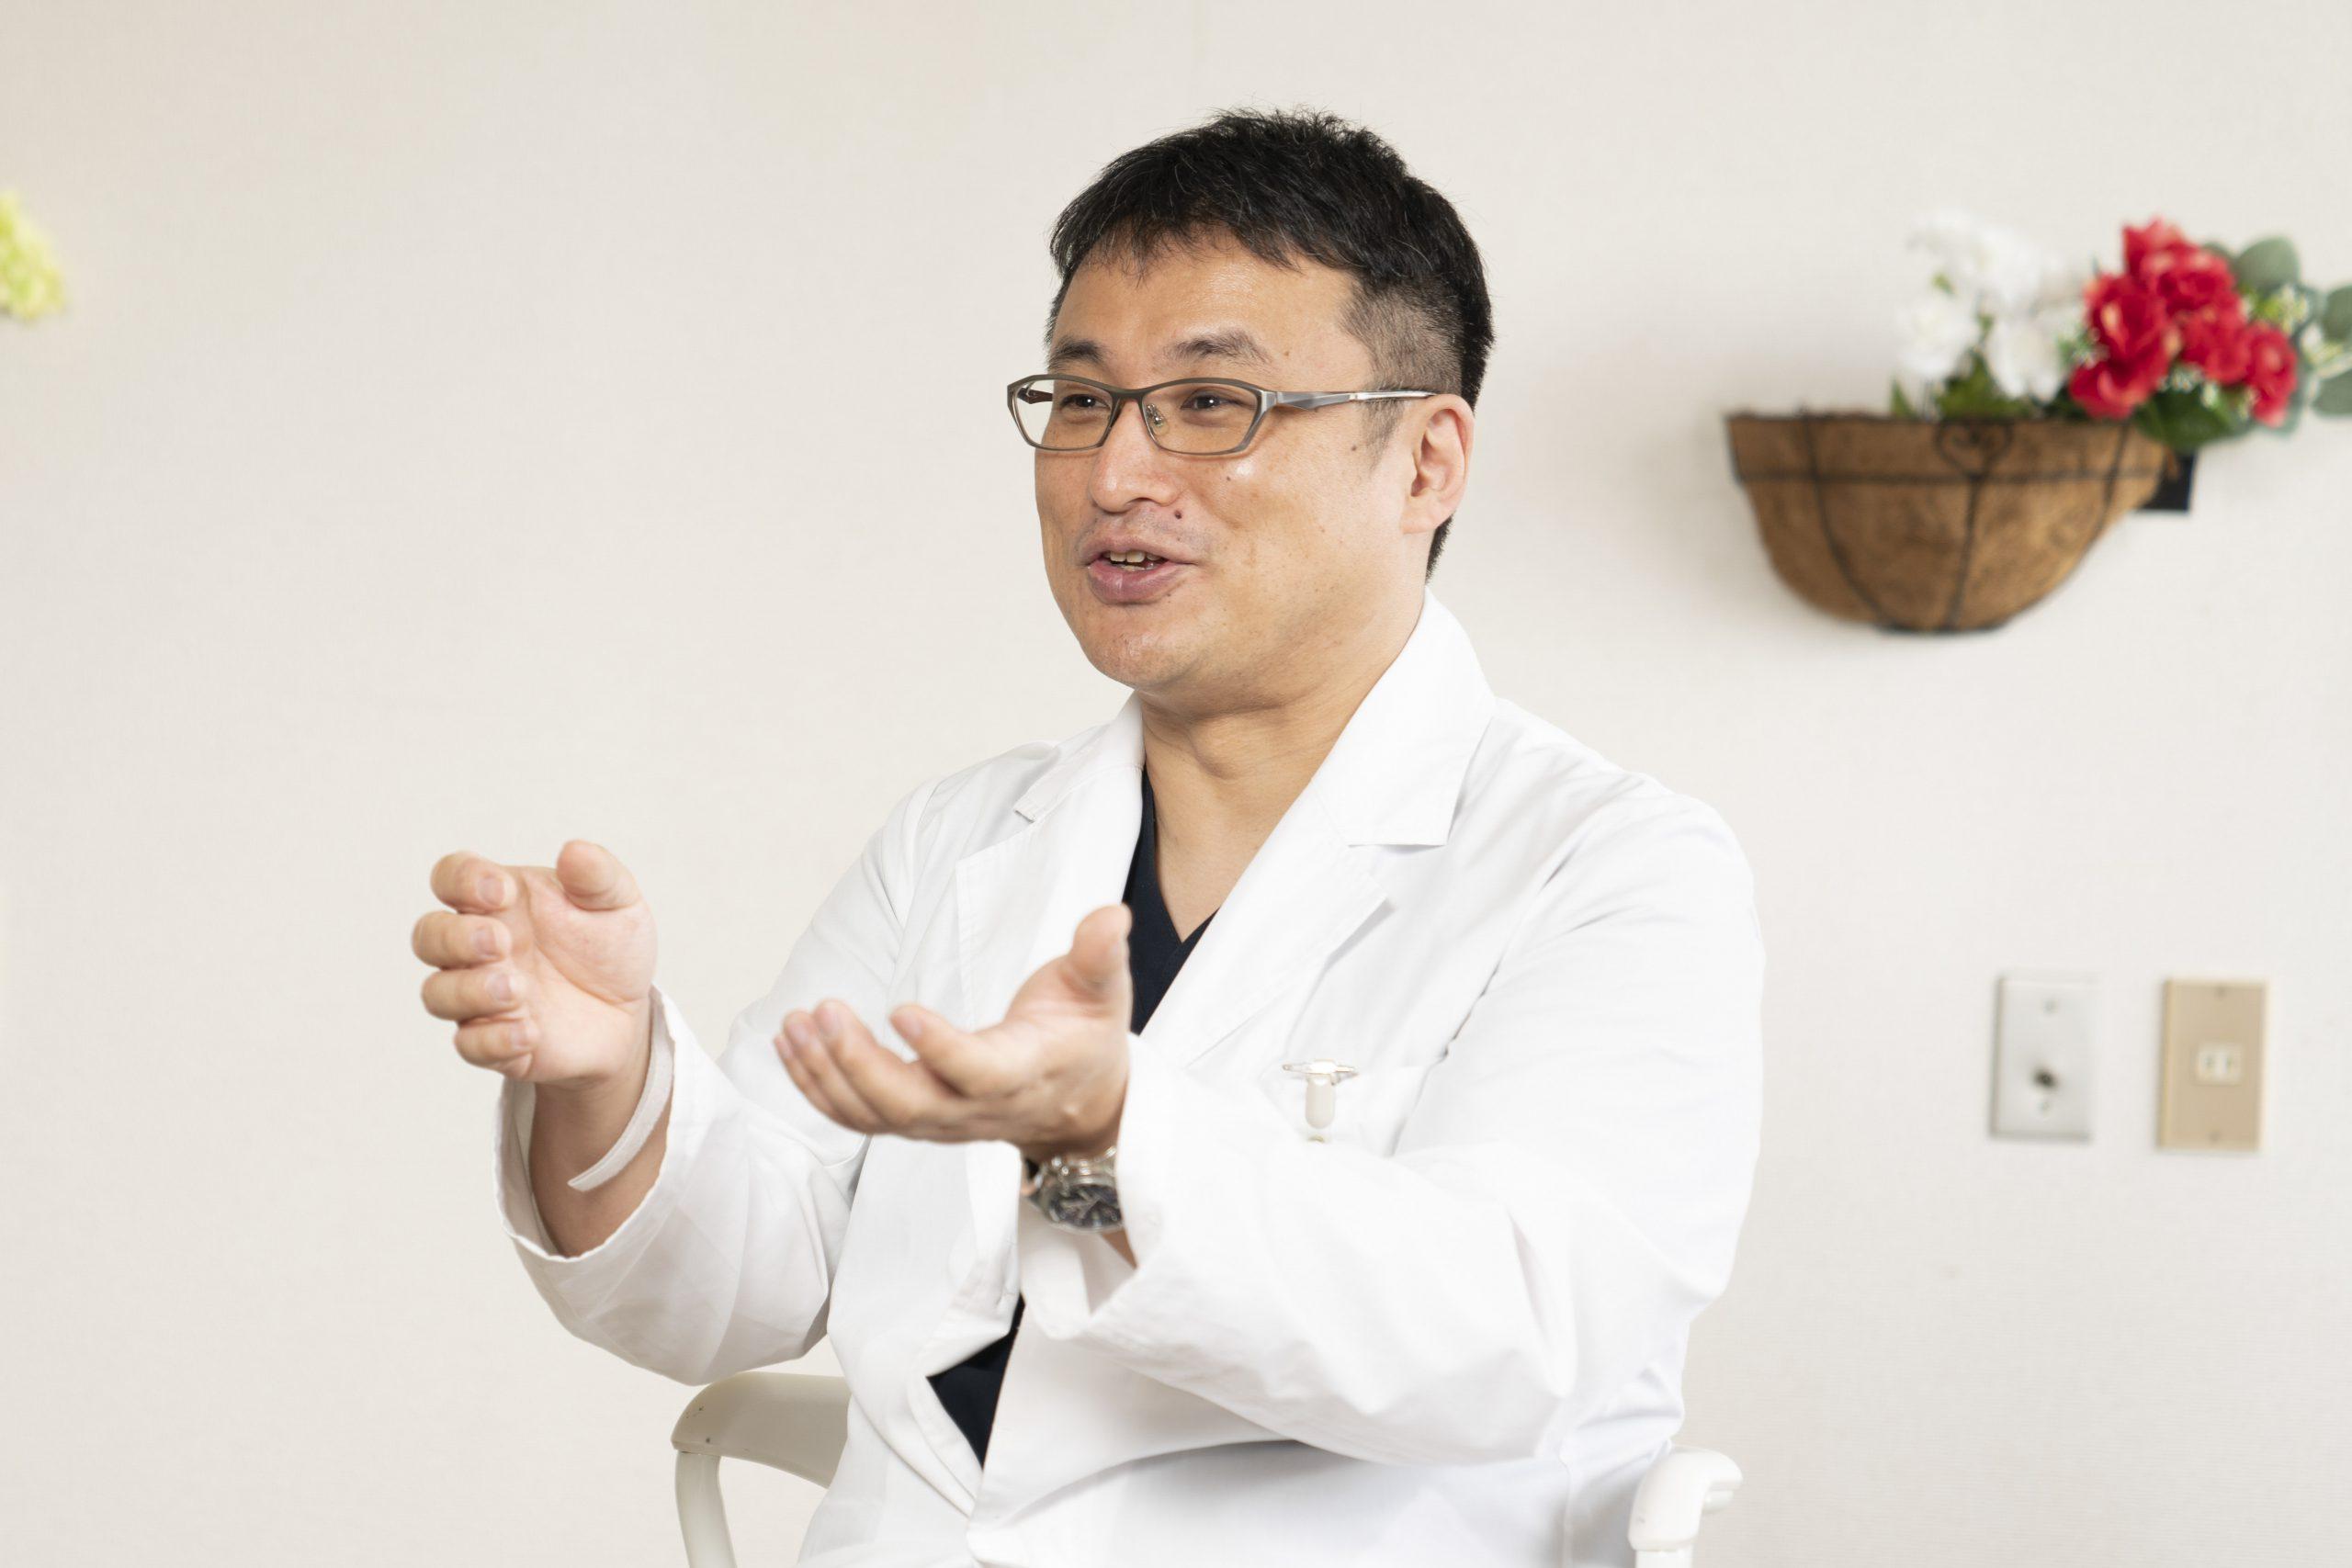 記事 無料健康セミナーを行いました。のアイキャッチ画像